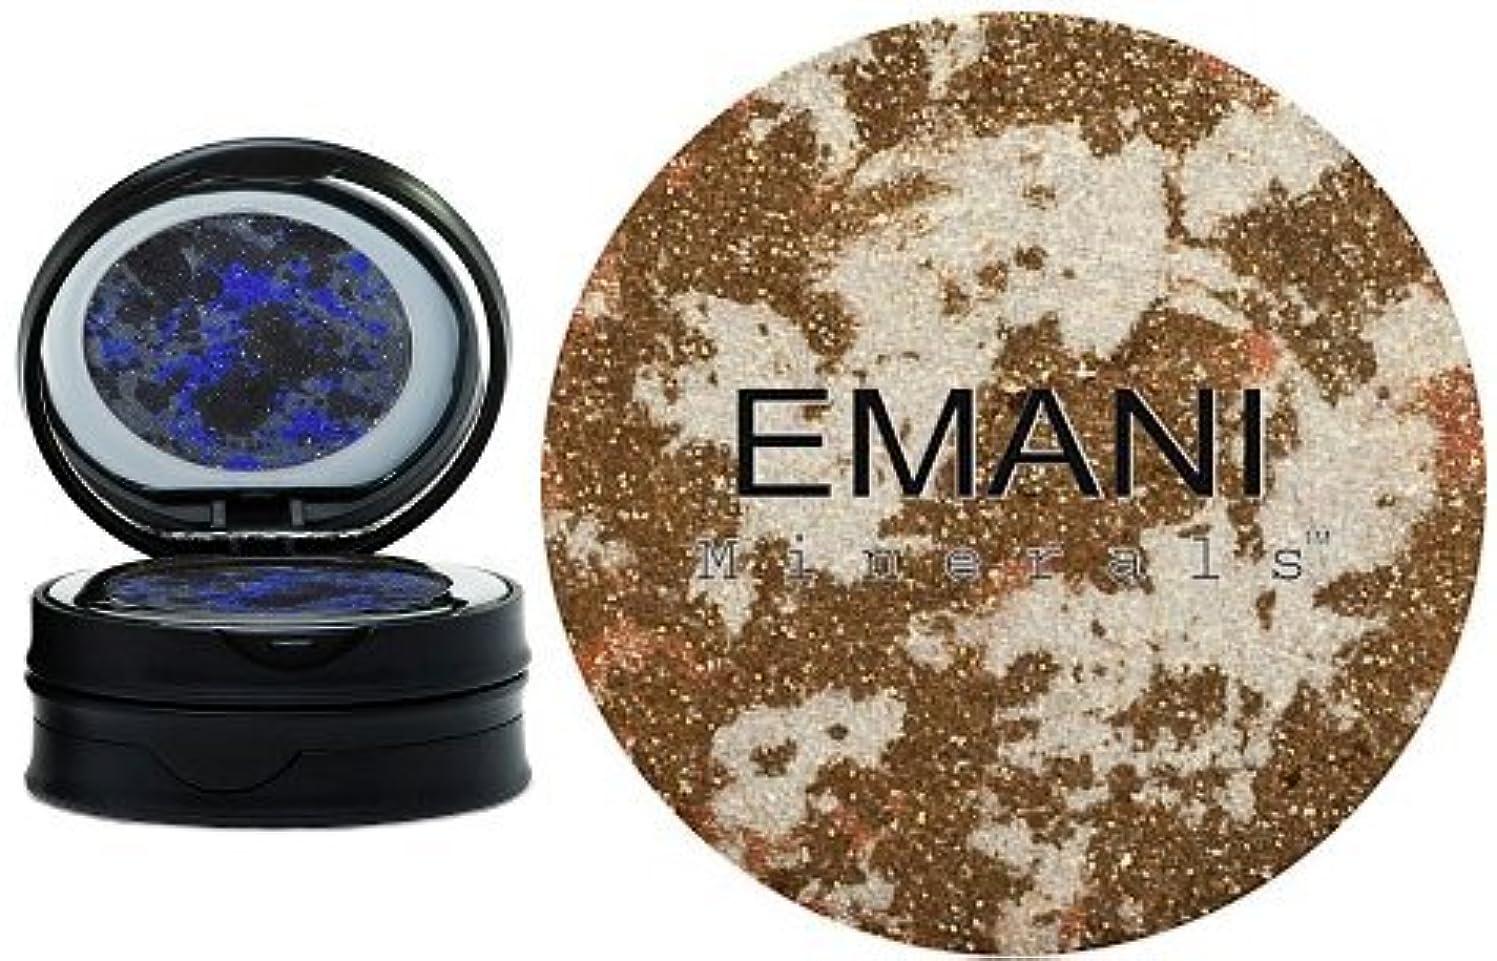 Emani Vegan Cosmetics 1043セックス子猫 - Emaniミネラルハイブリッドクリーム